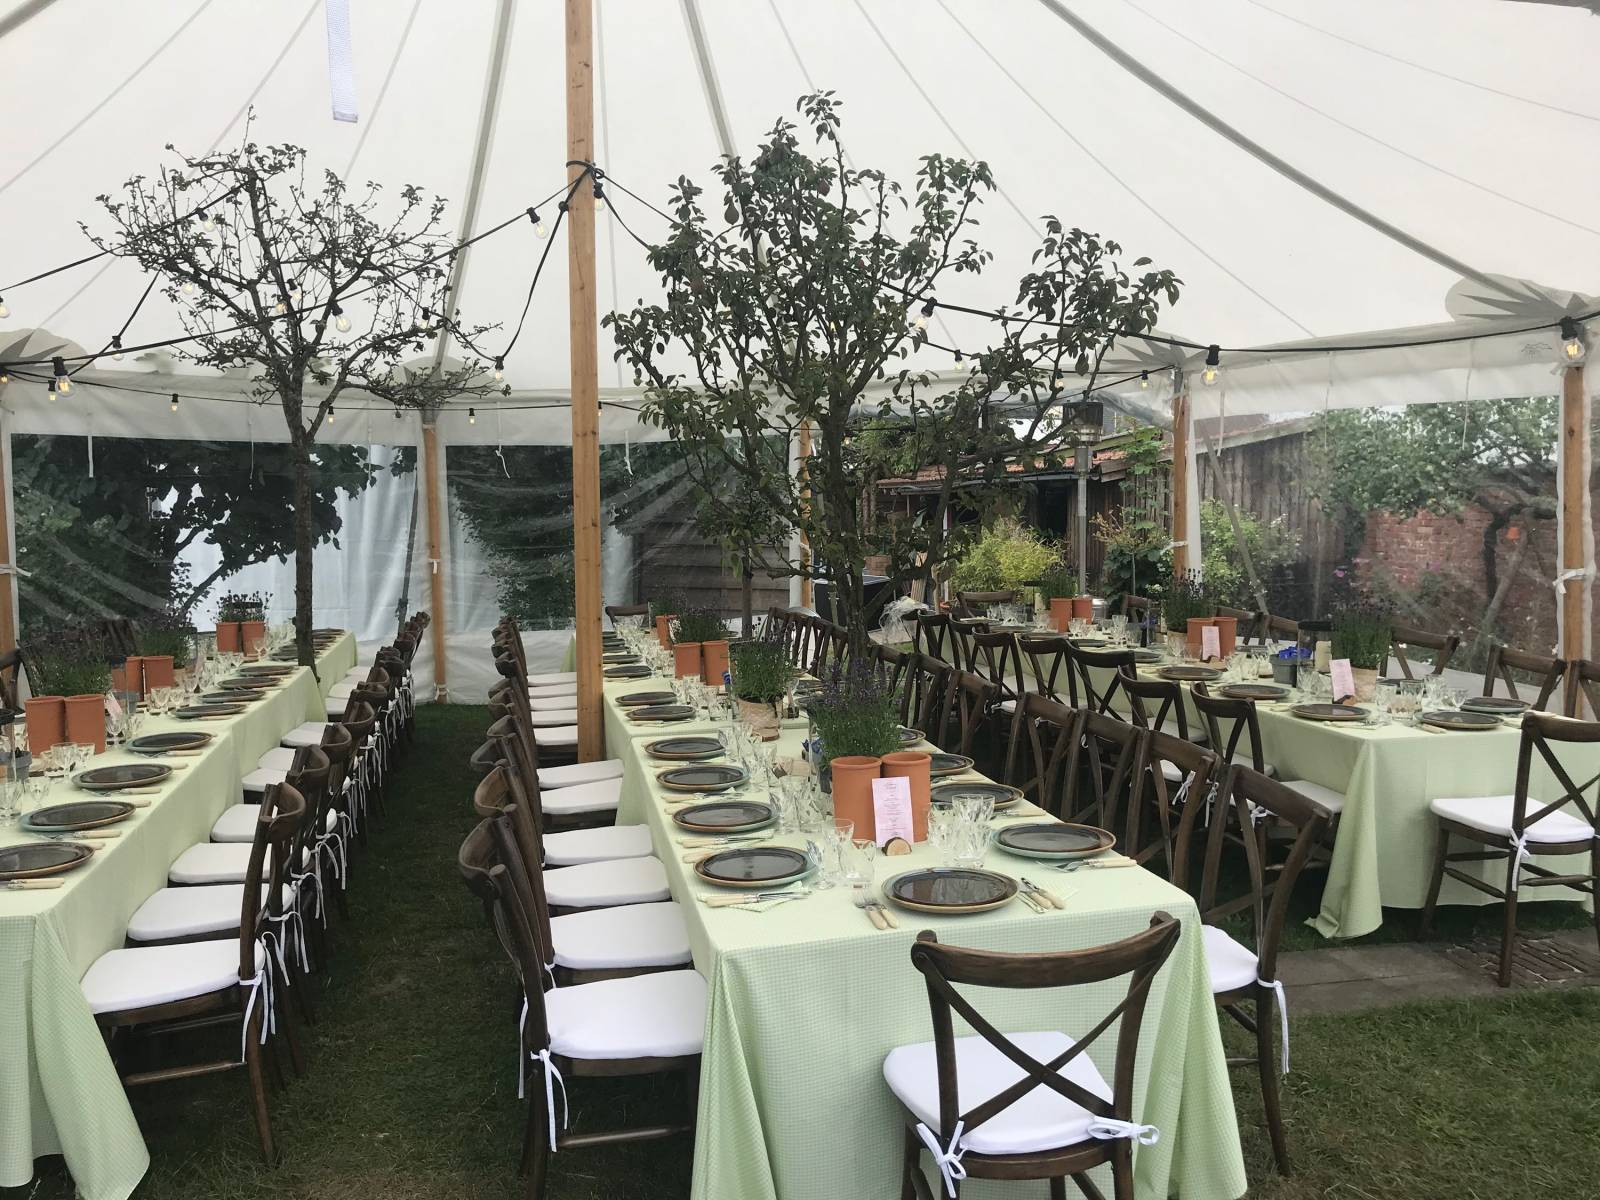 Hendrickx feesten - Catering - Traiteur - Cateraar - House of Events - 26